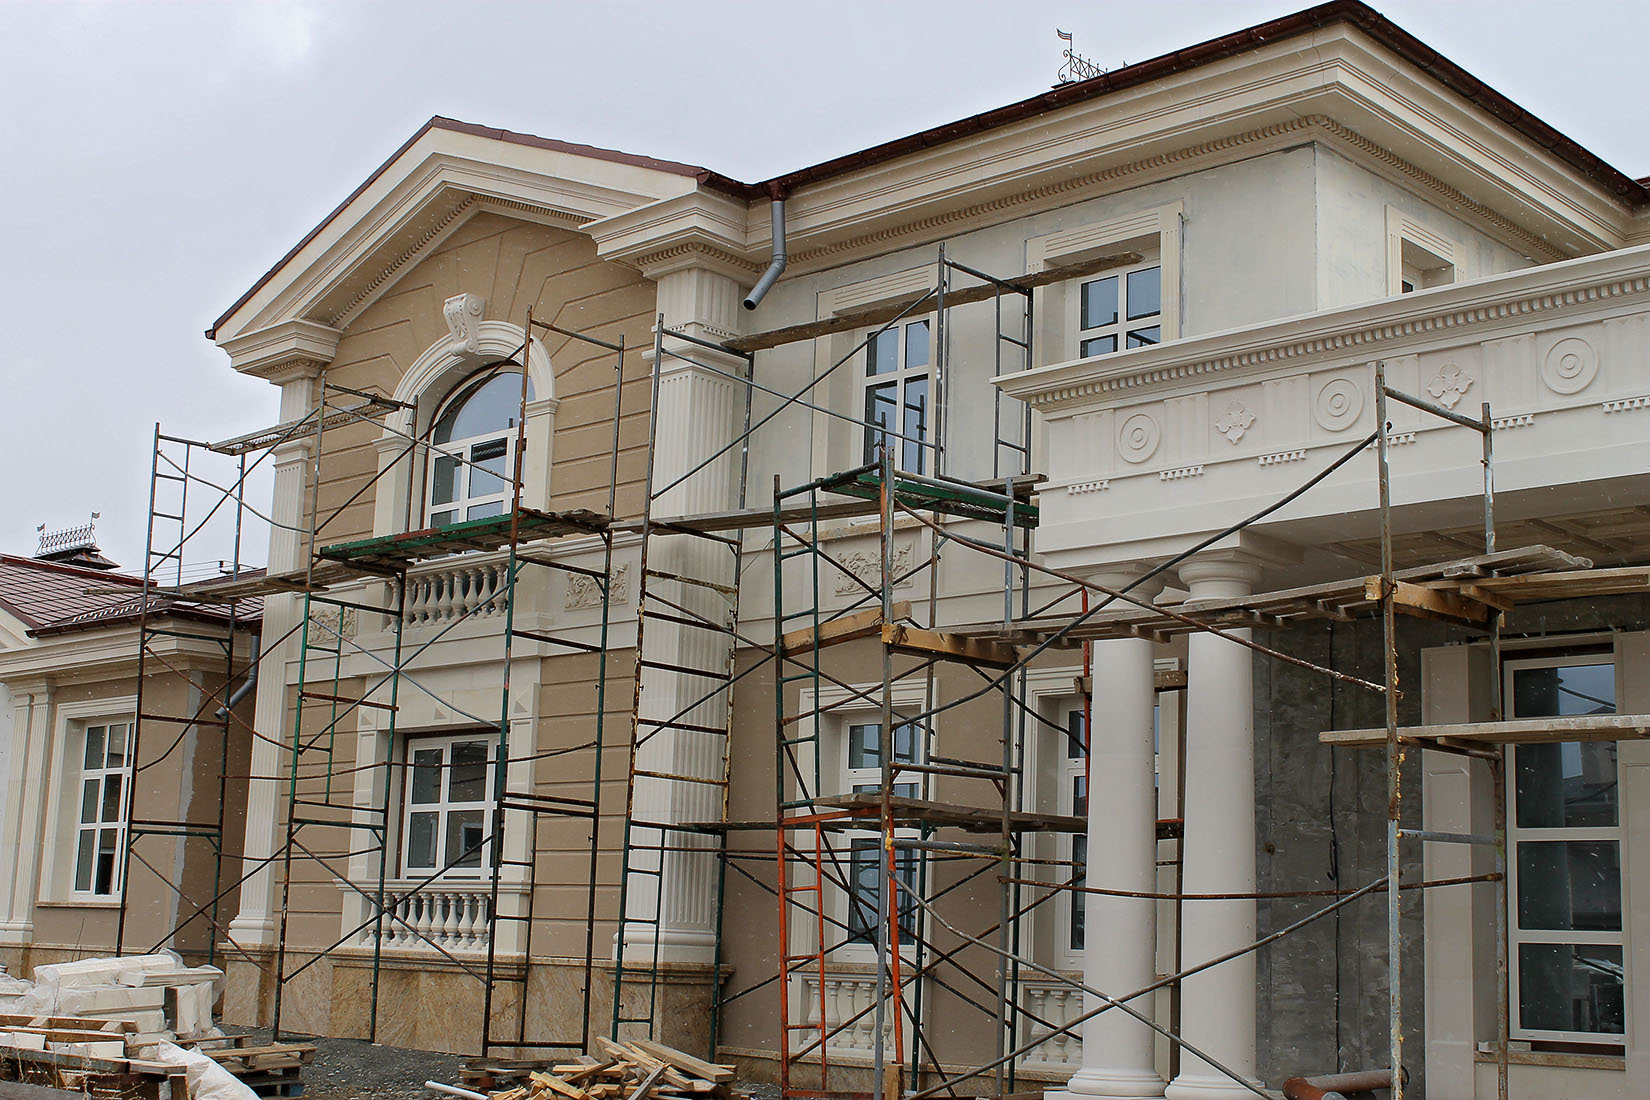 Усадьба в поселке Холмс, реконструкция и проект облицовки фасадов_08